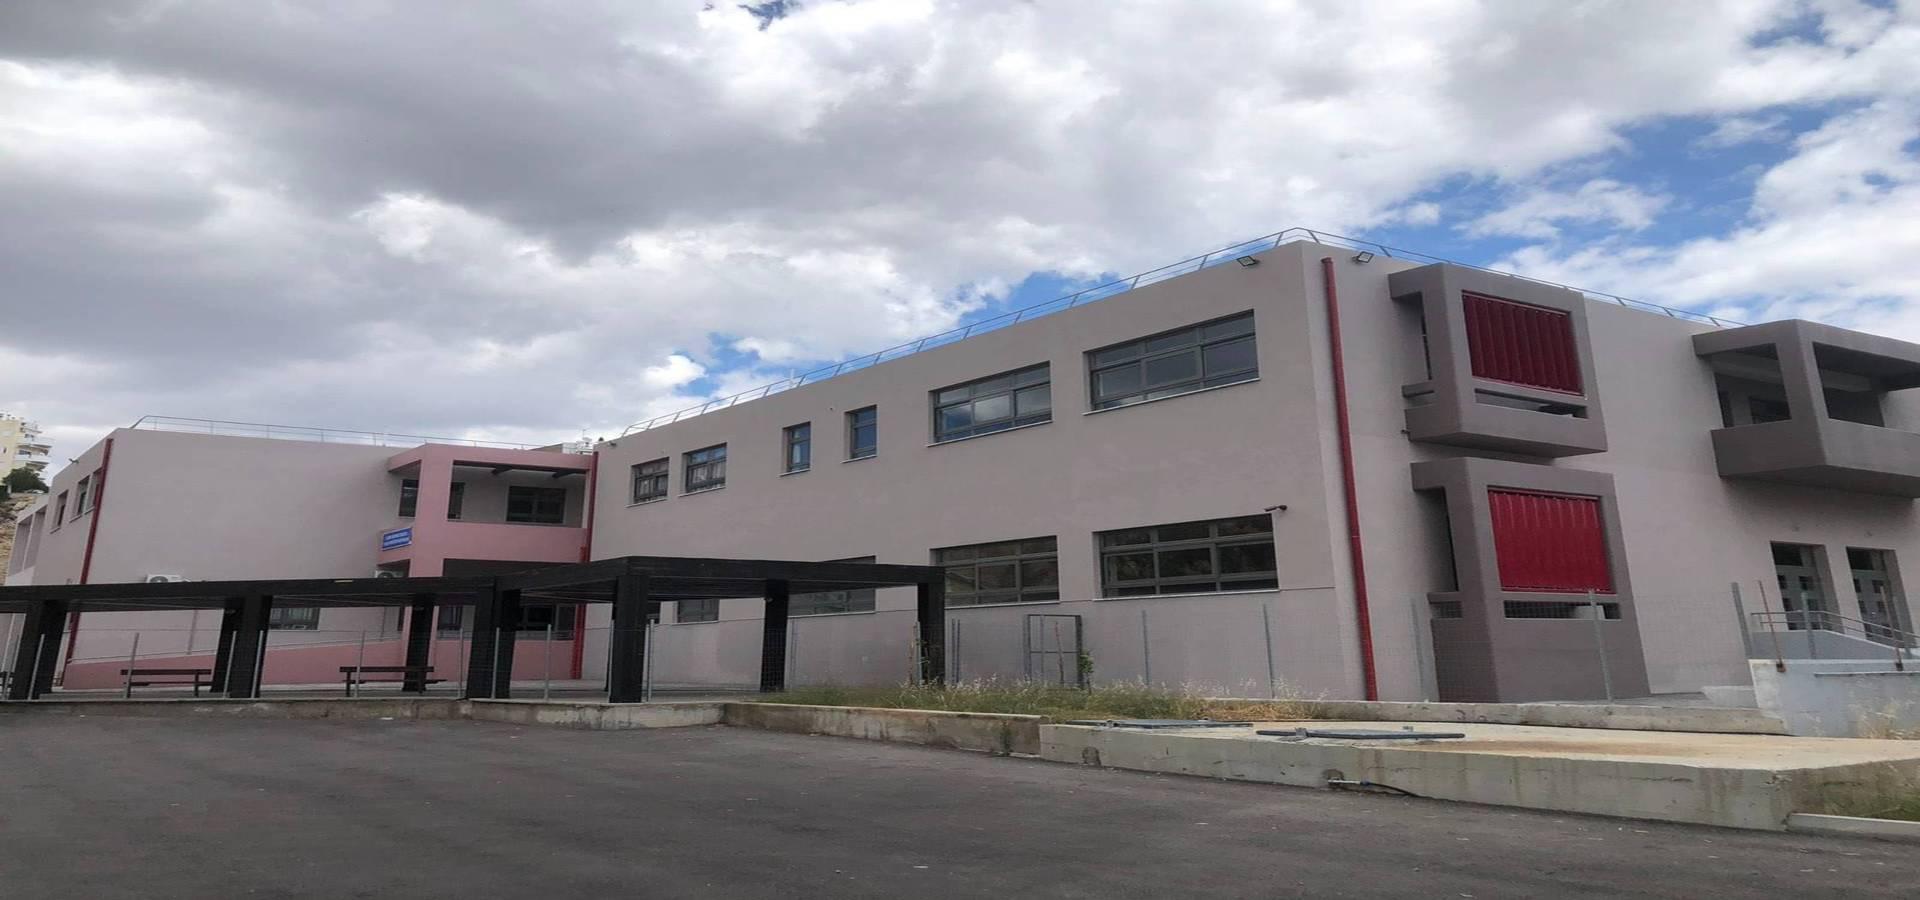 Ειδικό Δημοτικό Σχολείο & Νηπιαγωγείο Κορυδαλλού